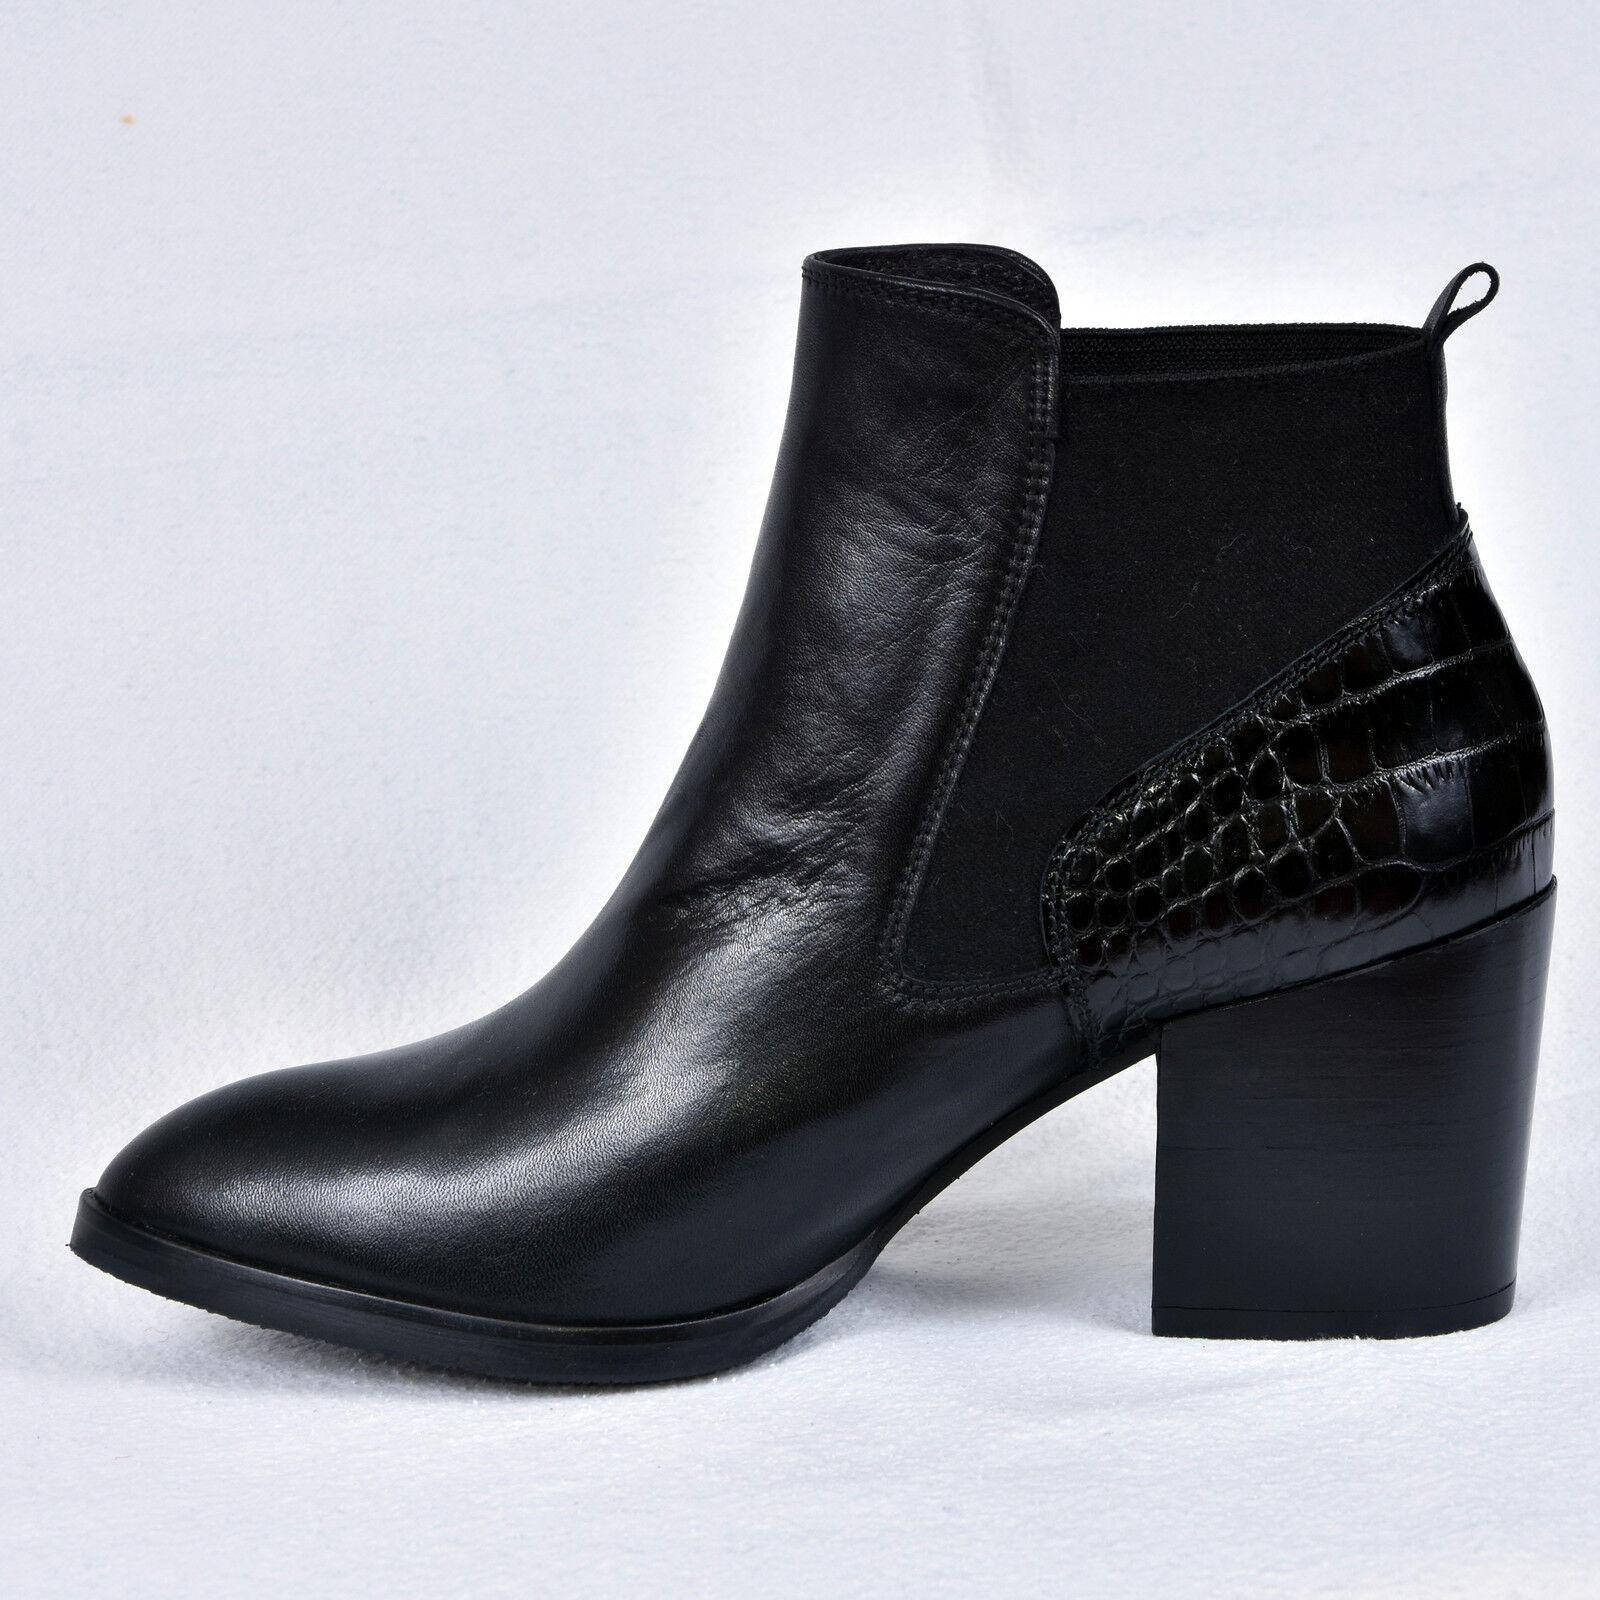 Gadea señora señora señora botines botas de cuero negro elegante nuevo 37 38 39 40 58eed1